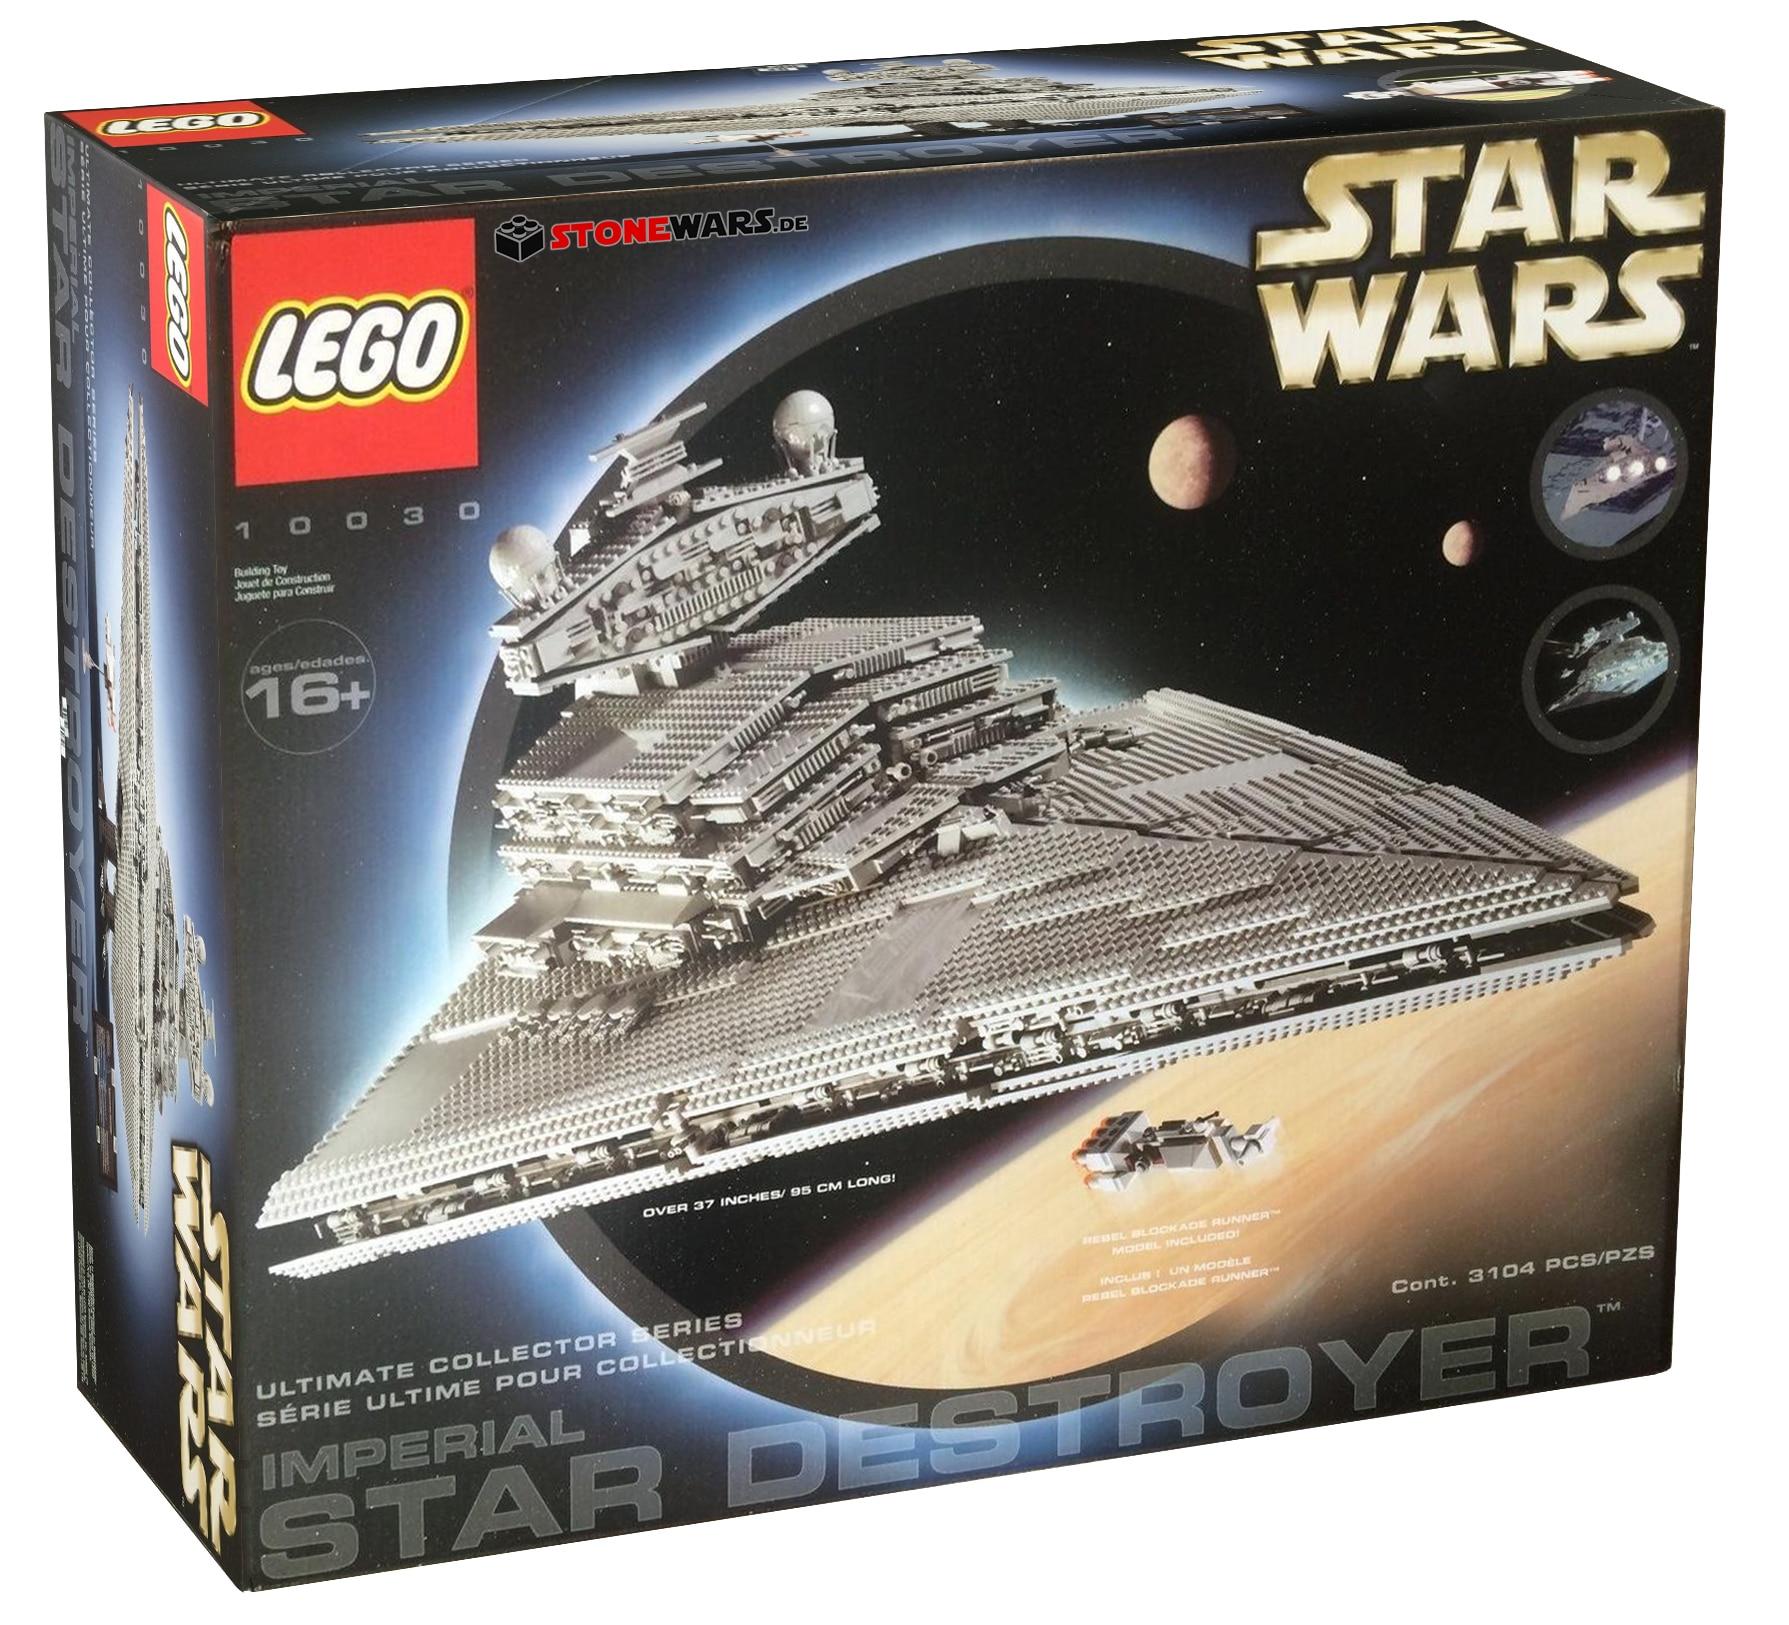 LEGO 10030 Imperial Star Destroyer Box